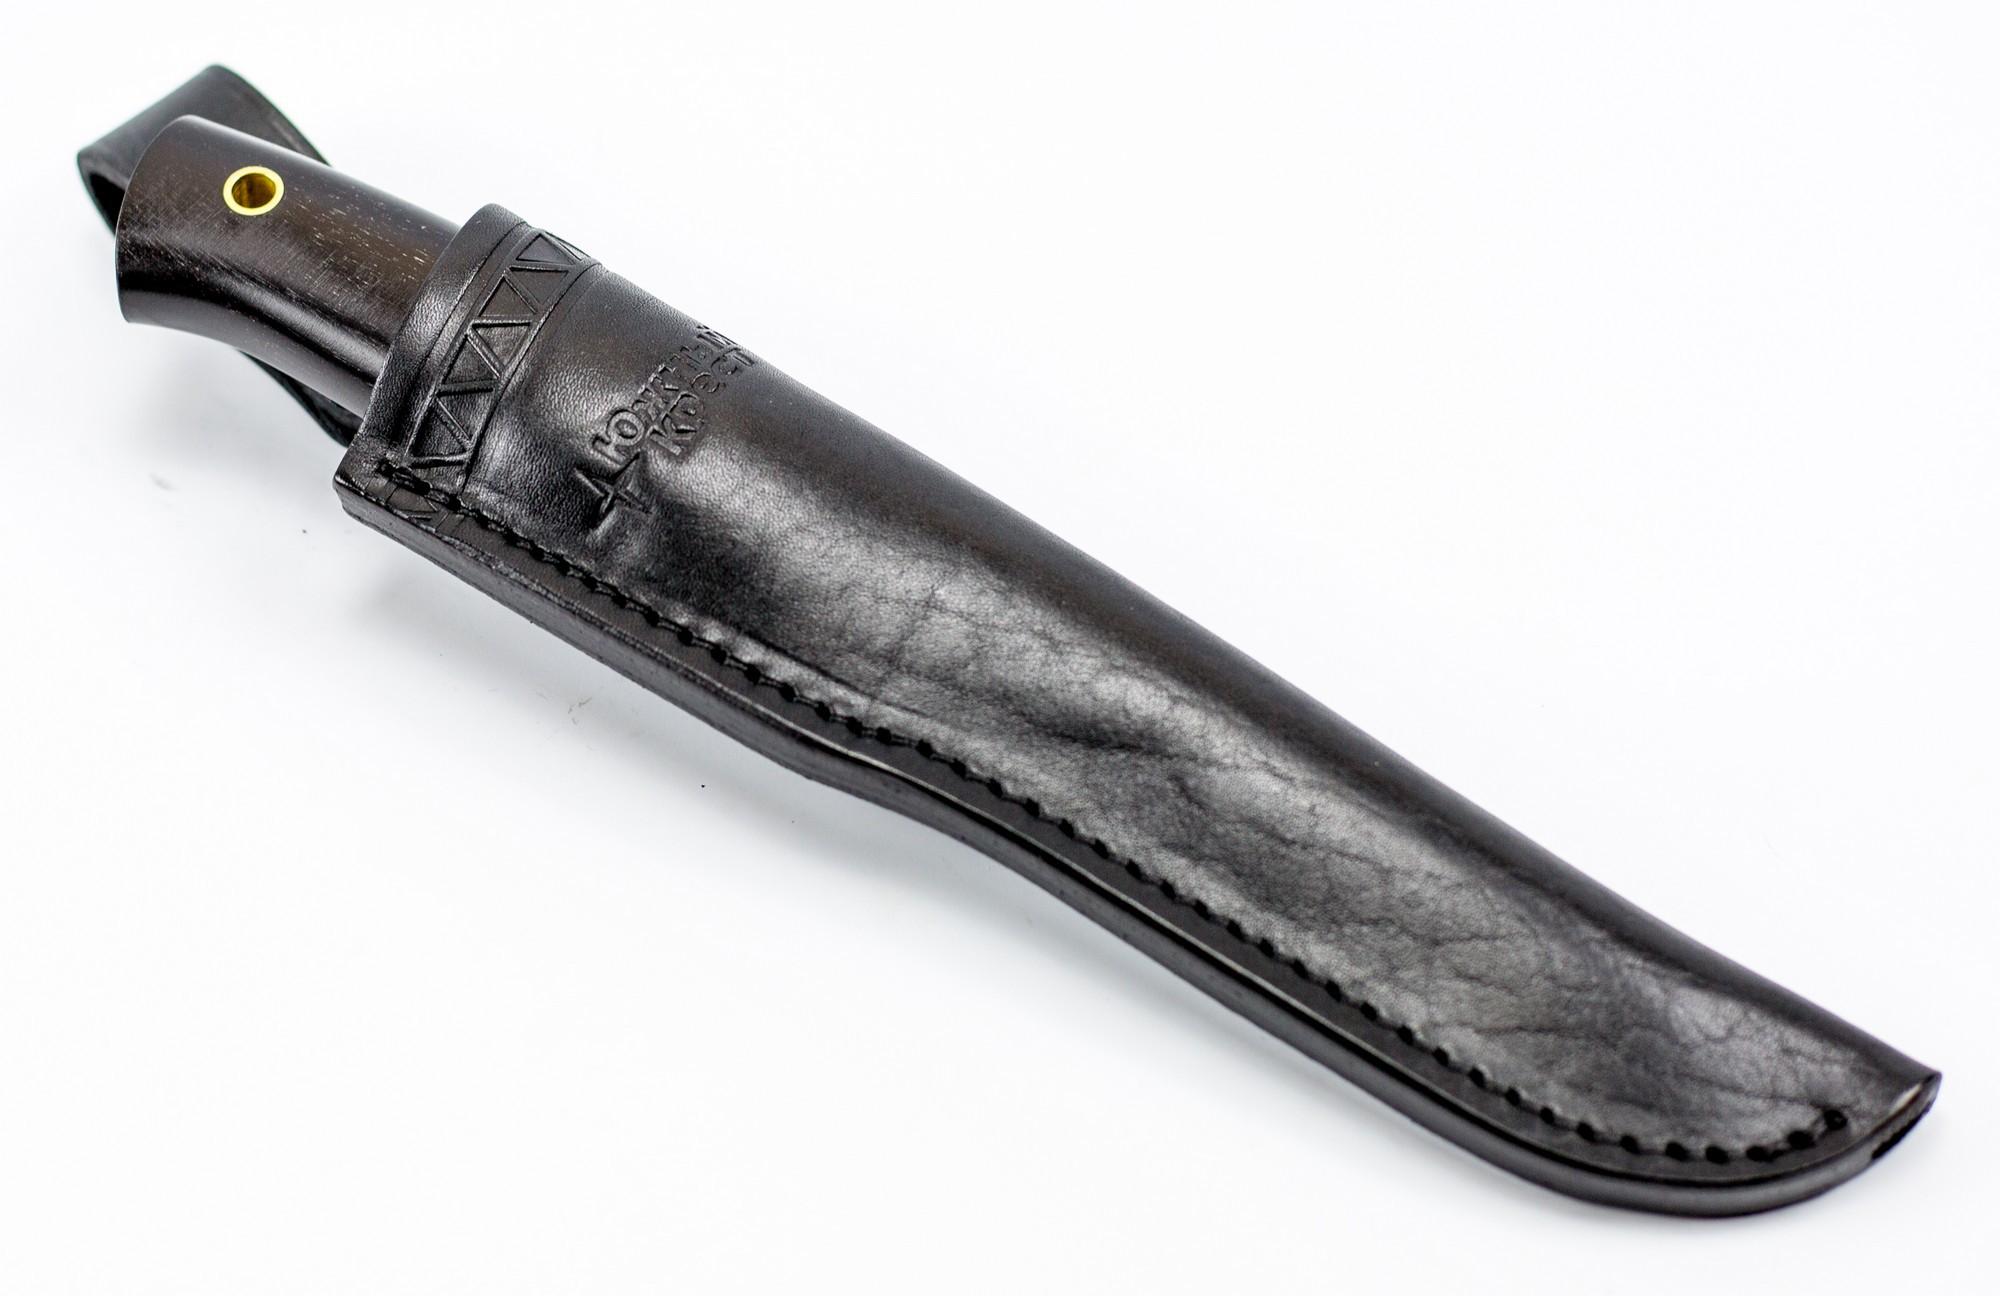 Фото 7 - Нож универсальный Боровой М, N690, Южный Крест, граб